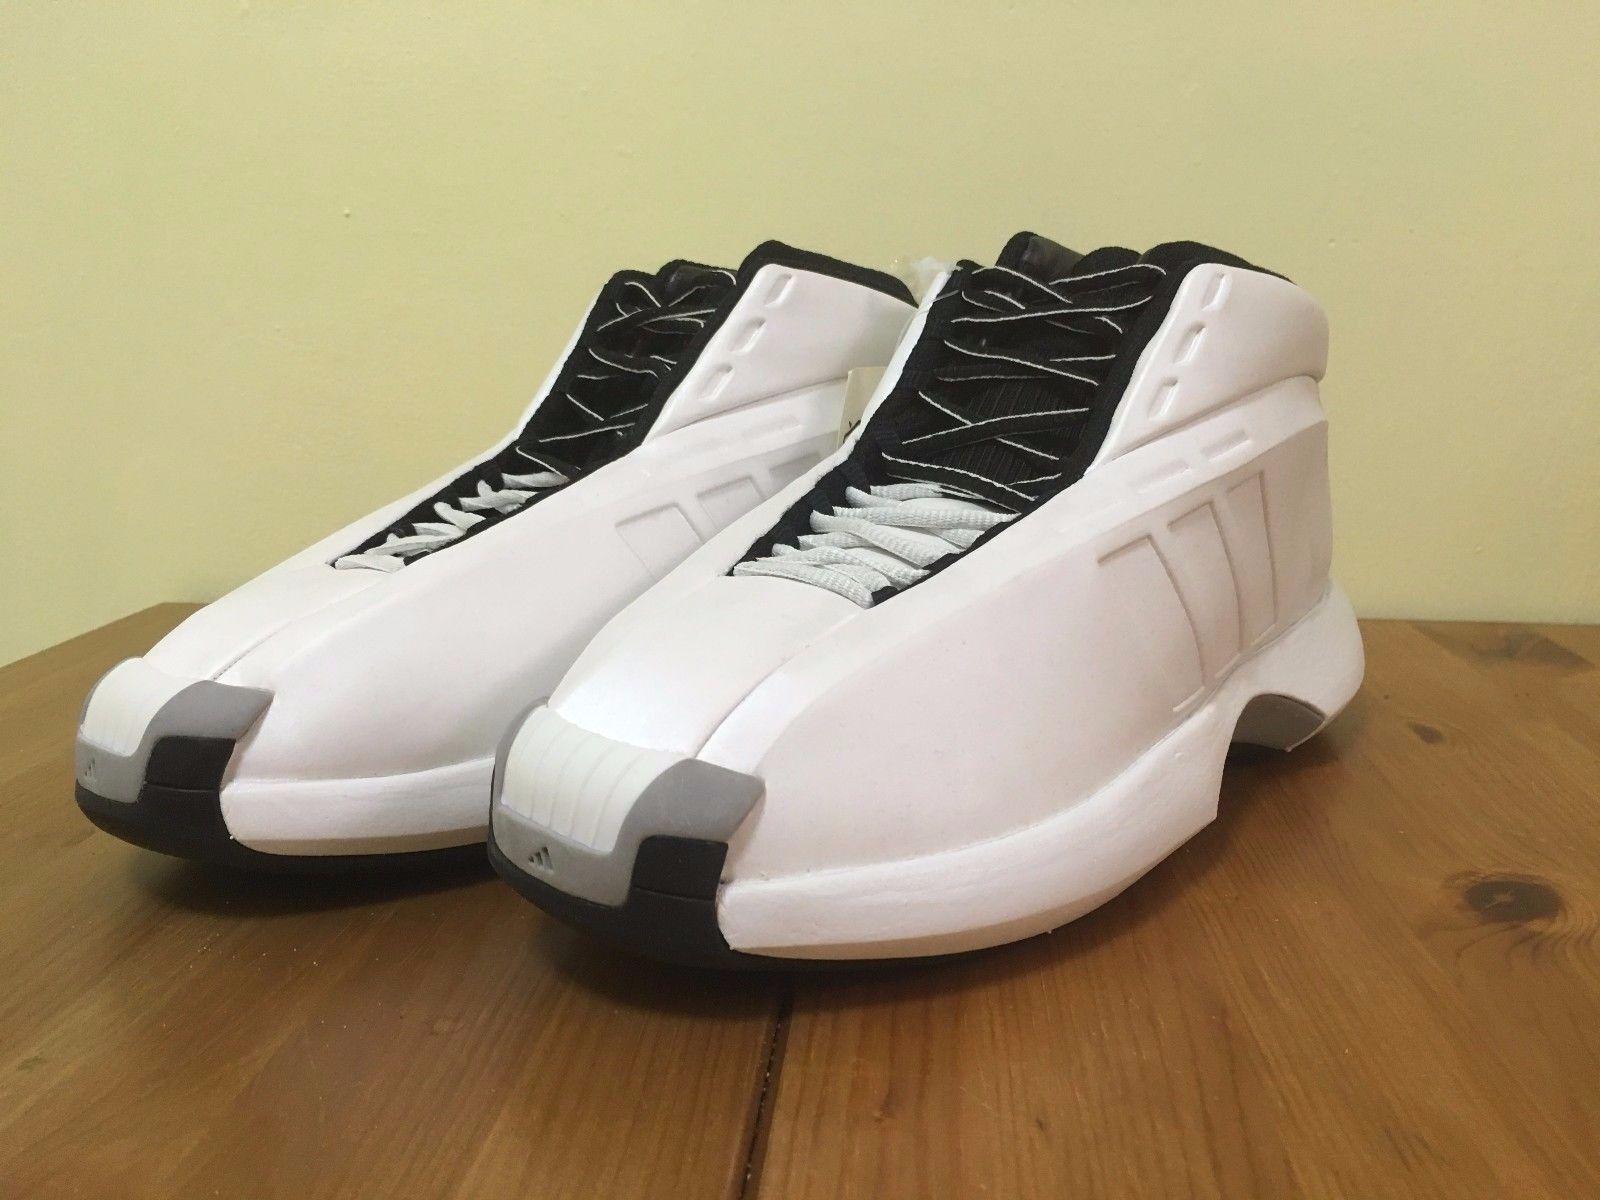 Adidas verrückt die kobe - größe 8 original box deadstock verrückt Adidas 1 2001 pearl Weiß 604e2a